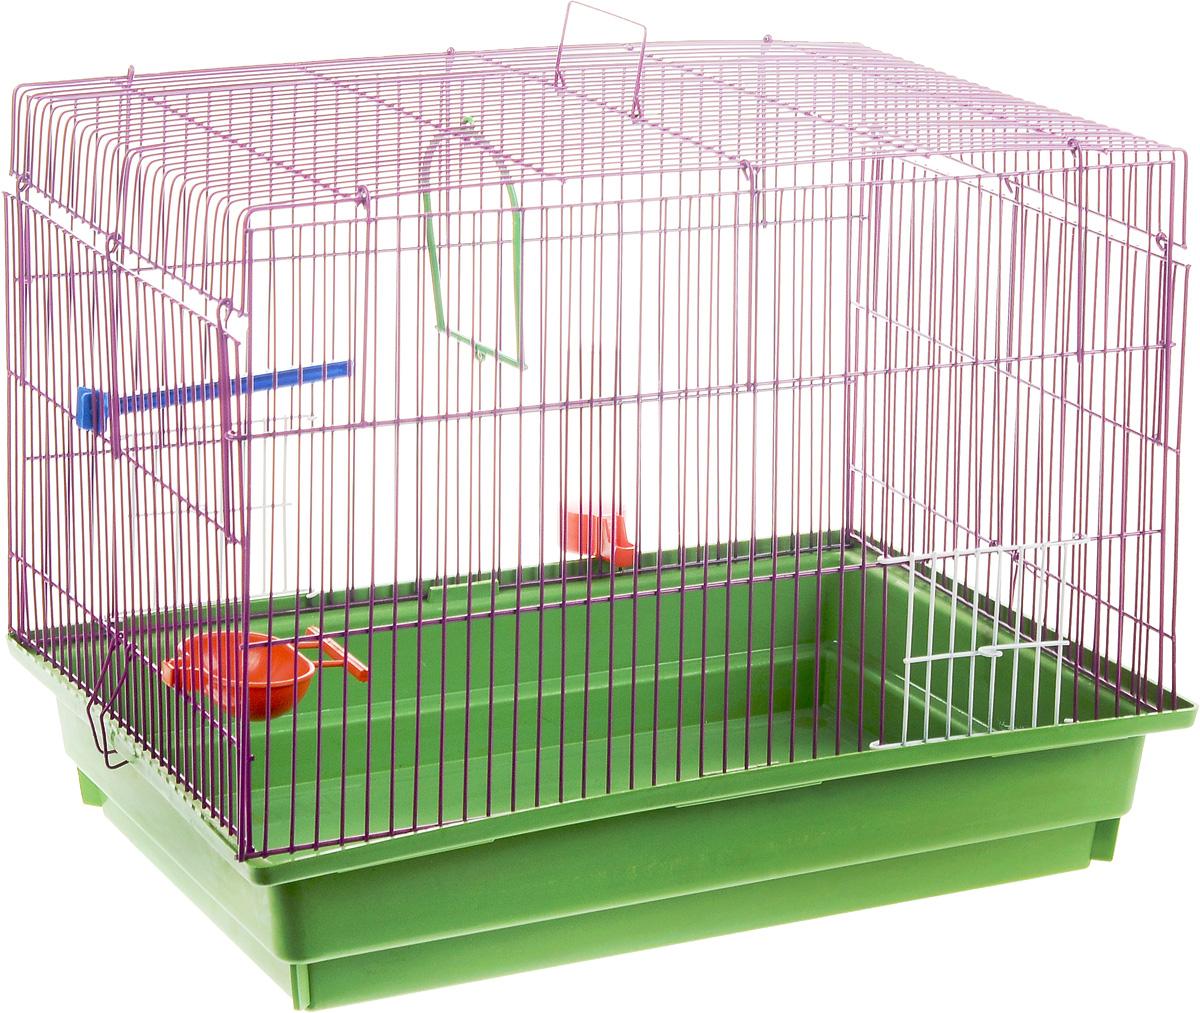 Клетка для птиц ЗооМарк, цвет: зеленый поддон, фиолетовая решетка, 50 х 31 х 41 см0120710Клетка ЗооМарк, выполненная из полипропилена и металла с эмалированным покрытием, предназначена для птиц.Изделие состоит из большого поддона и решетки. Клетка снабжена металлической дверцей. Она удобна в использовании и легко чистится. Клетка оснащена жердочкой, кольцом для птицы, поилкой, кормушкой и подвижной ручкой для удобной переноски. Комплектация: - клетка с поддоном, - поилка; - кормушка;- кольцо.Размеры клетки: 50 см х 31 см х 41 см.